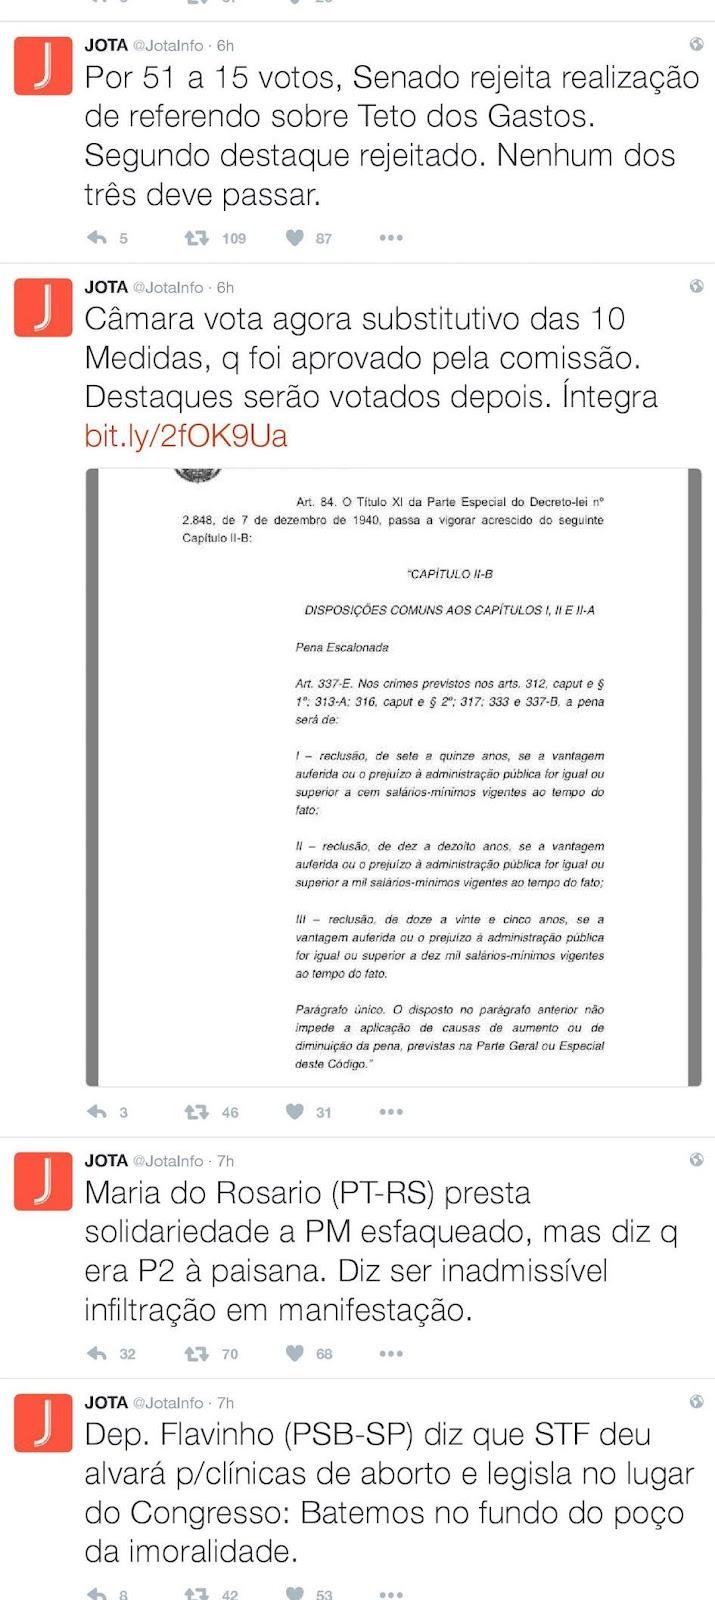 /Users/romulosoaresbrillo/Desktop/JOTA (@JotaInfo) | Twitter/JOTA (@JotaInfo) | Twitter_000009.jpg